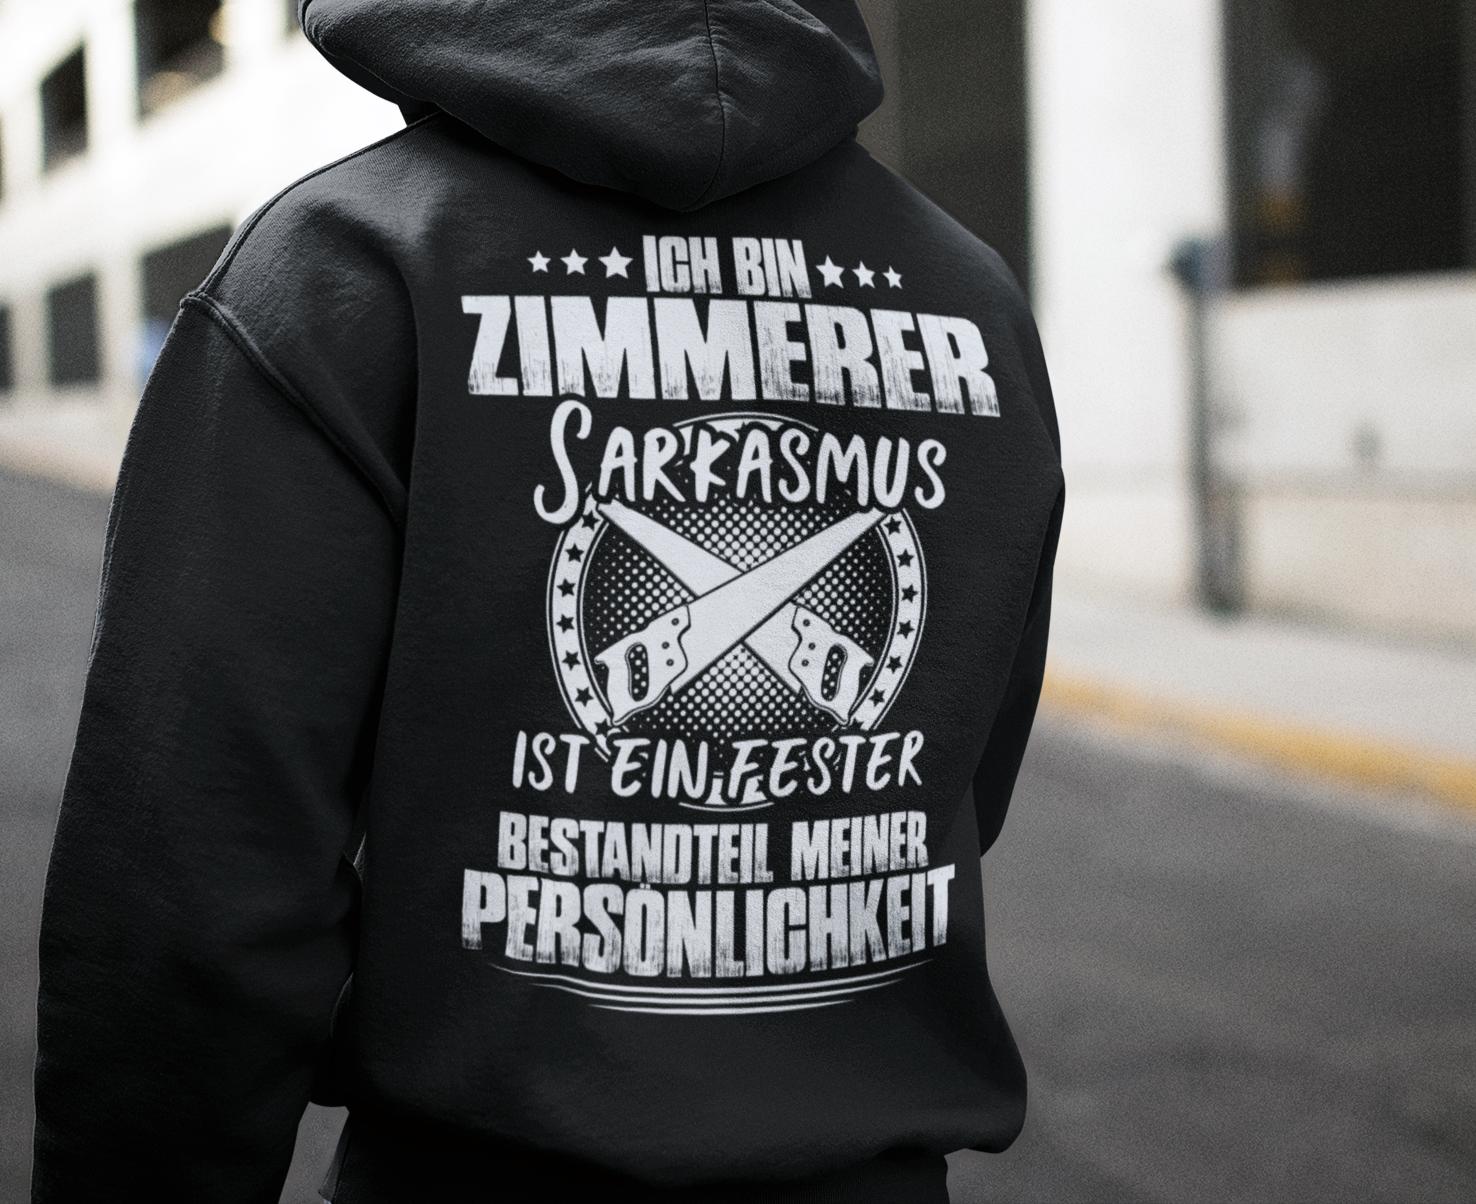 Zimmerer Zimmermann Sarkasmus Witzige T Shirts Shirts Zimmer